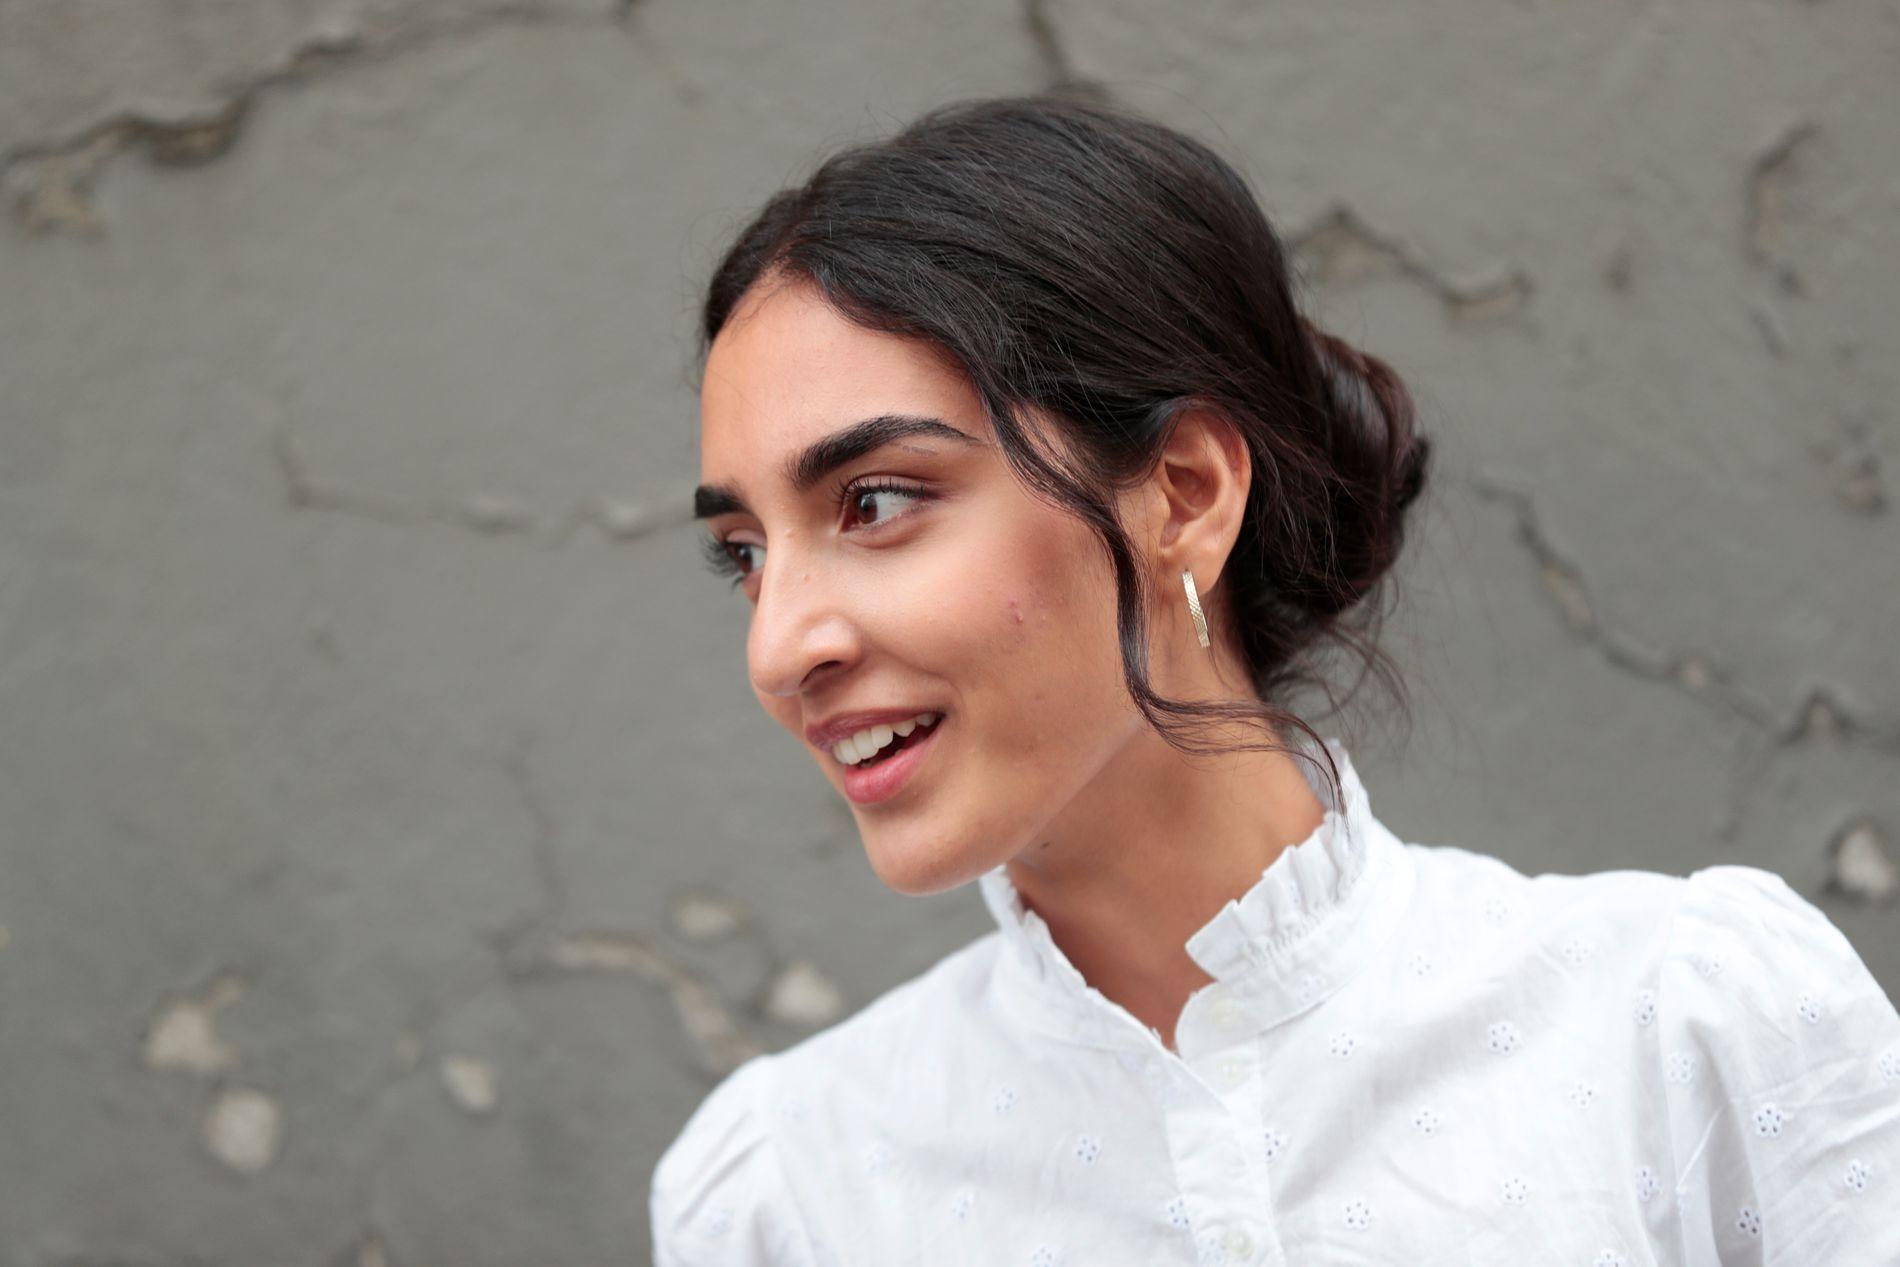 HOVEDROLLE: Maria Mozhdah spiller hovedrollen i «Hva vil folk si».